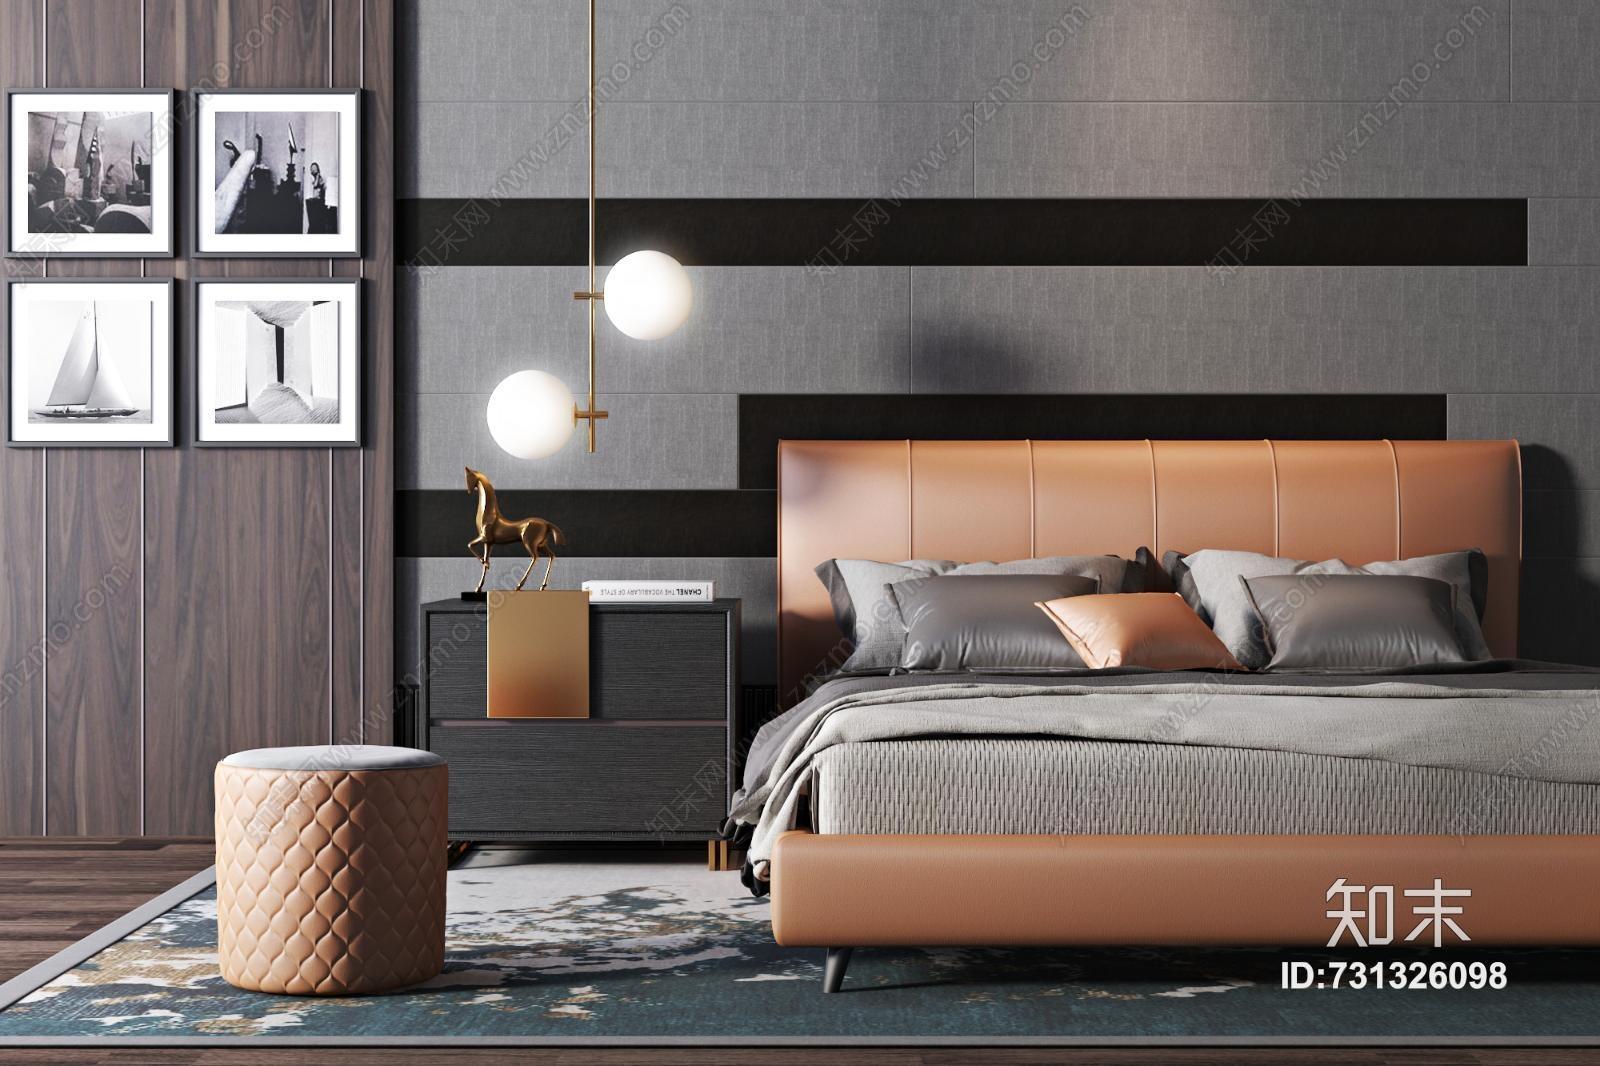 现代轻奢双人床组合 墩子 床头柜 吊灯